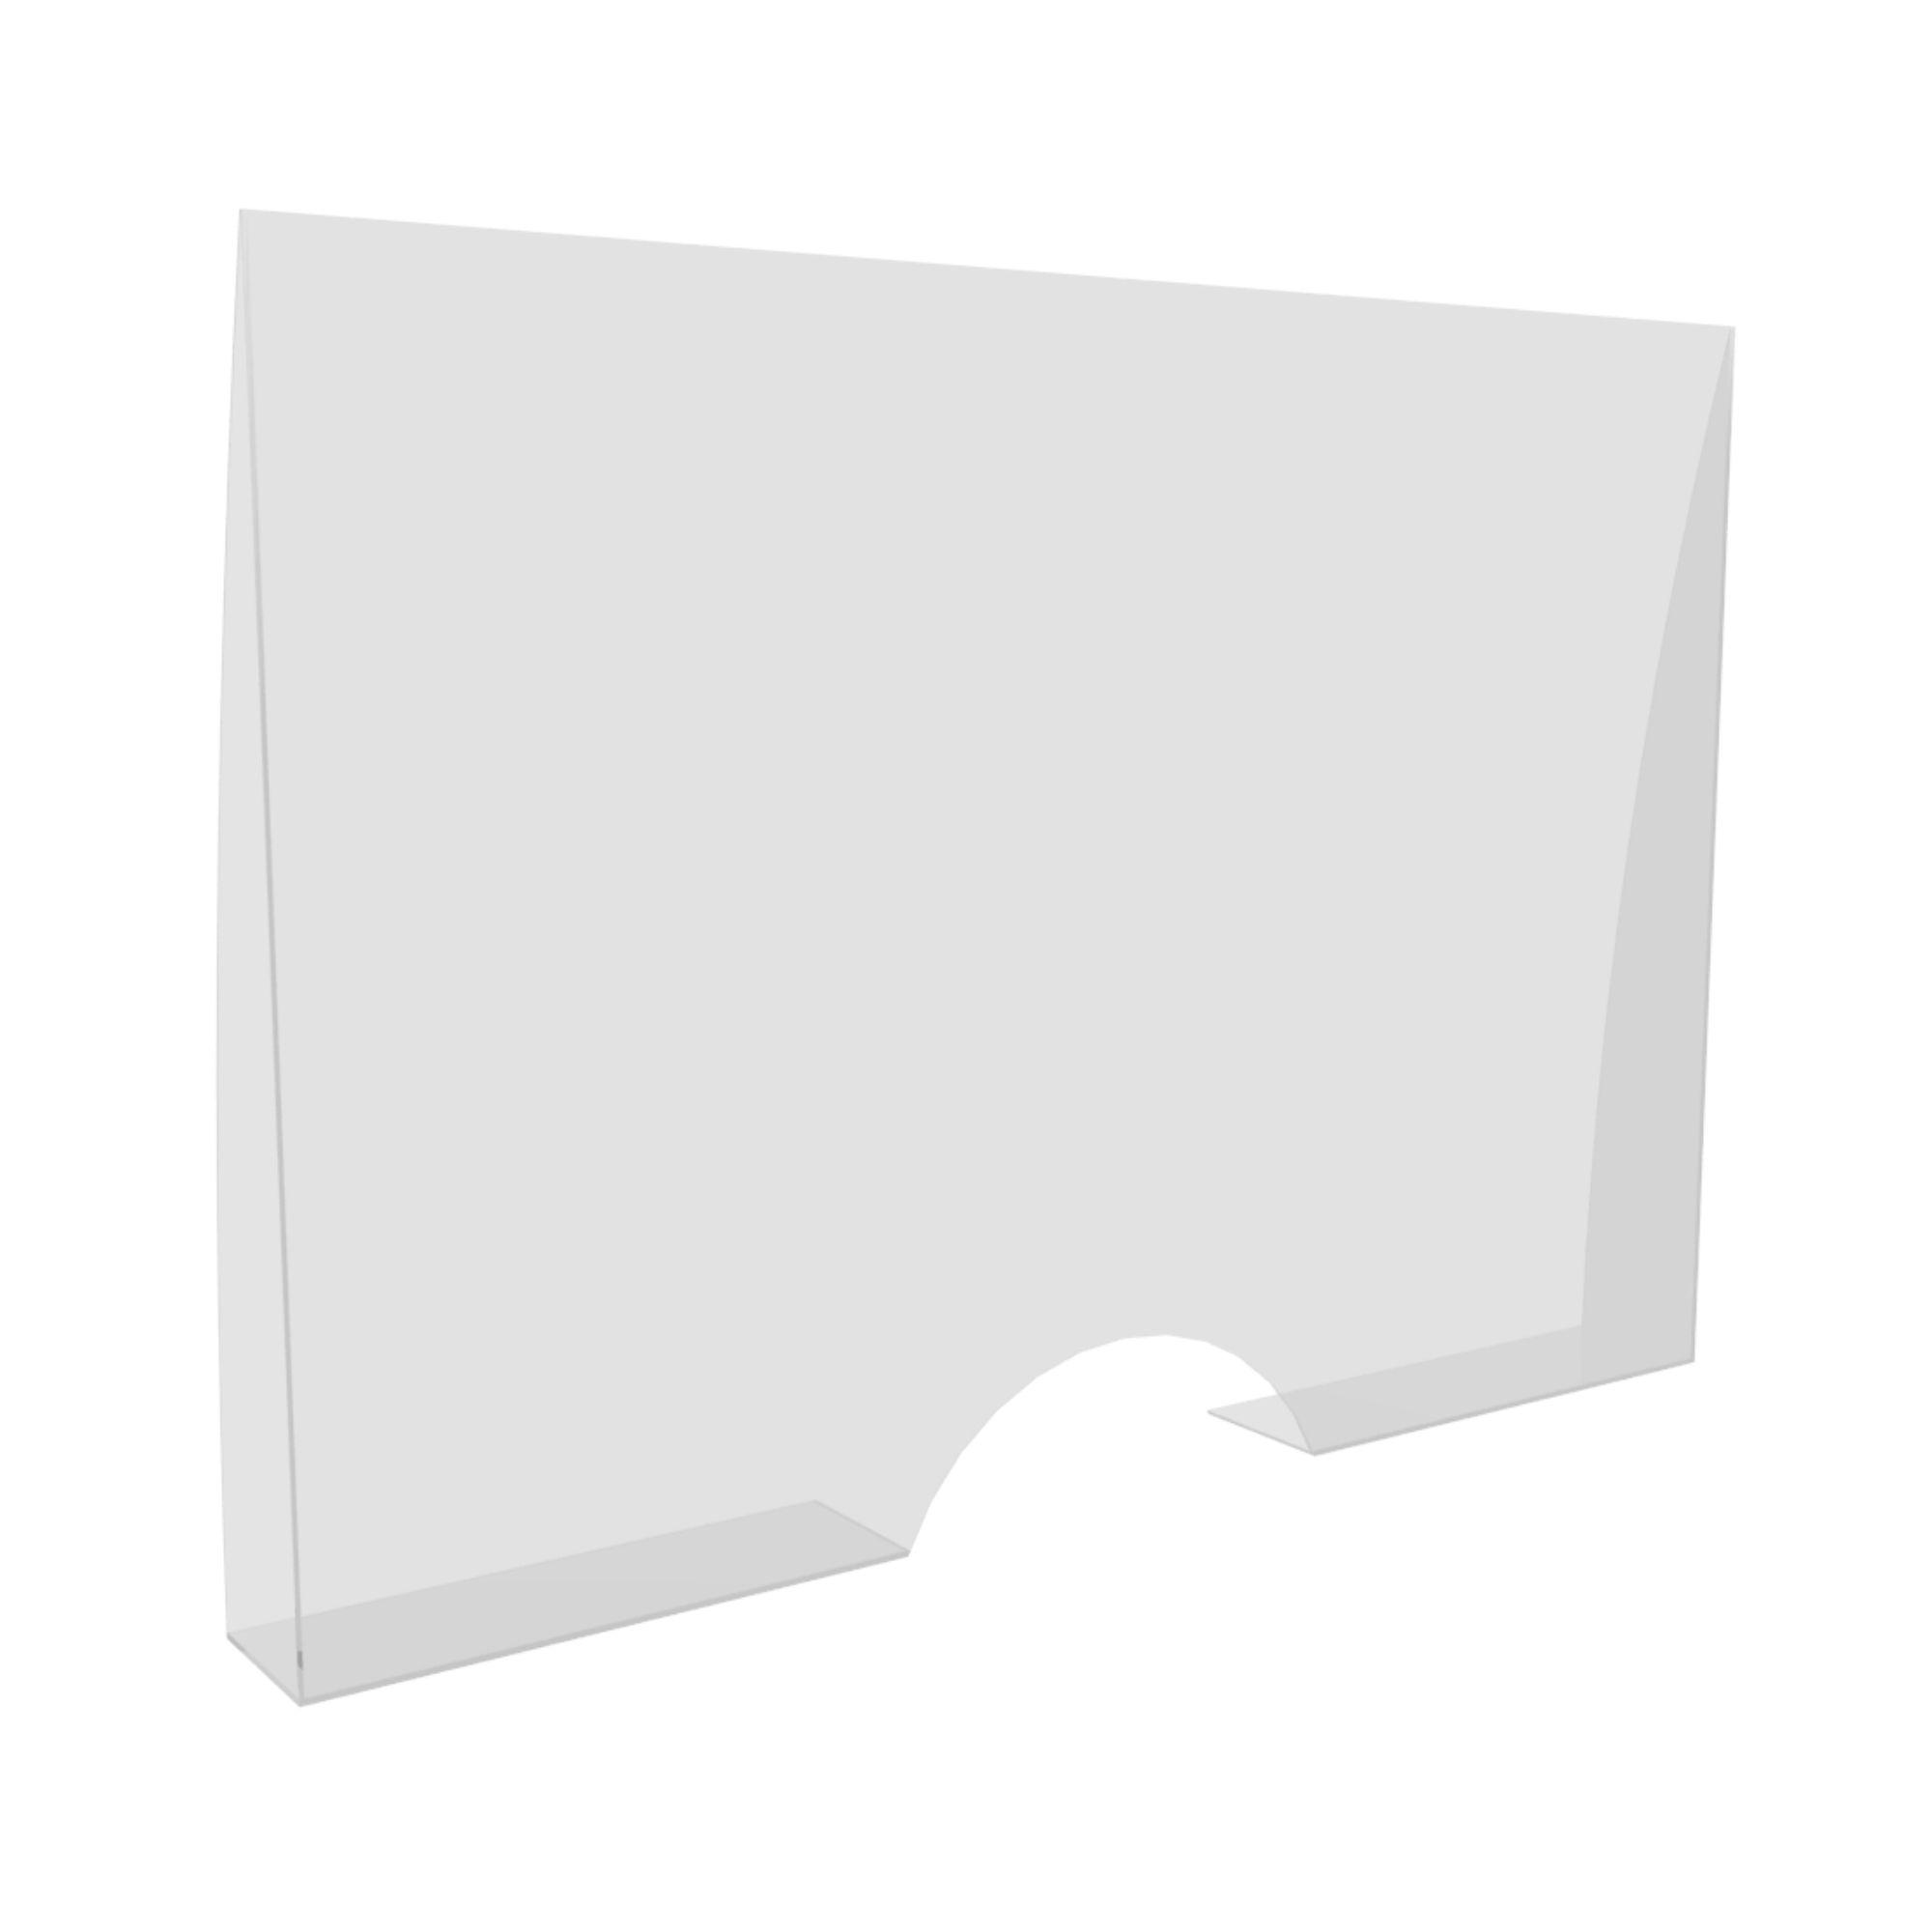 Escudo Protetor Salivar Balcão Com Aba Lateral 70x70cm